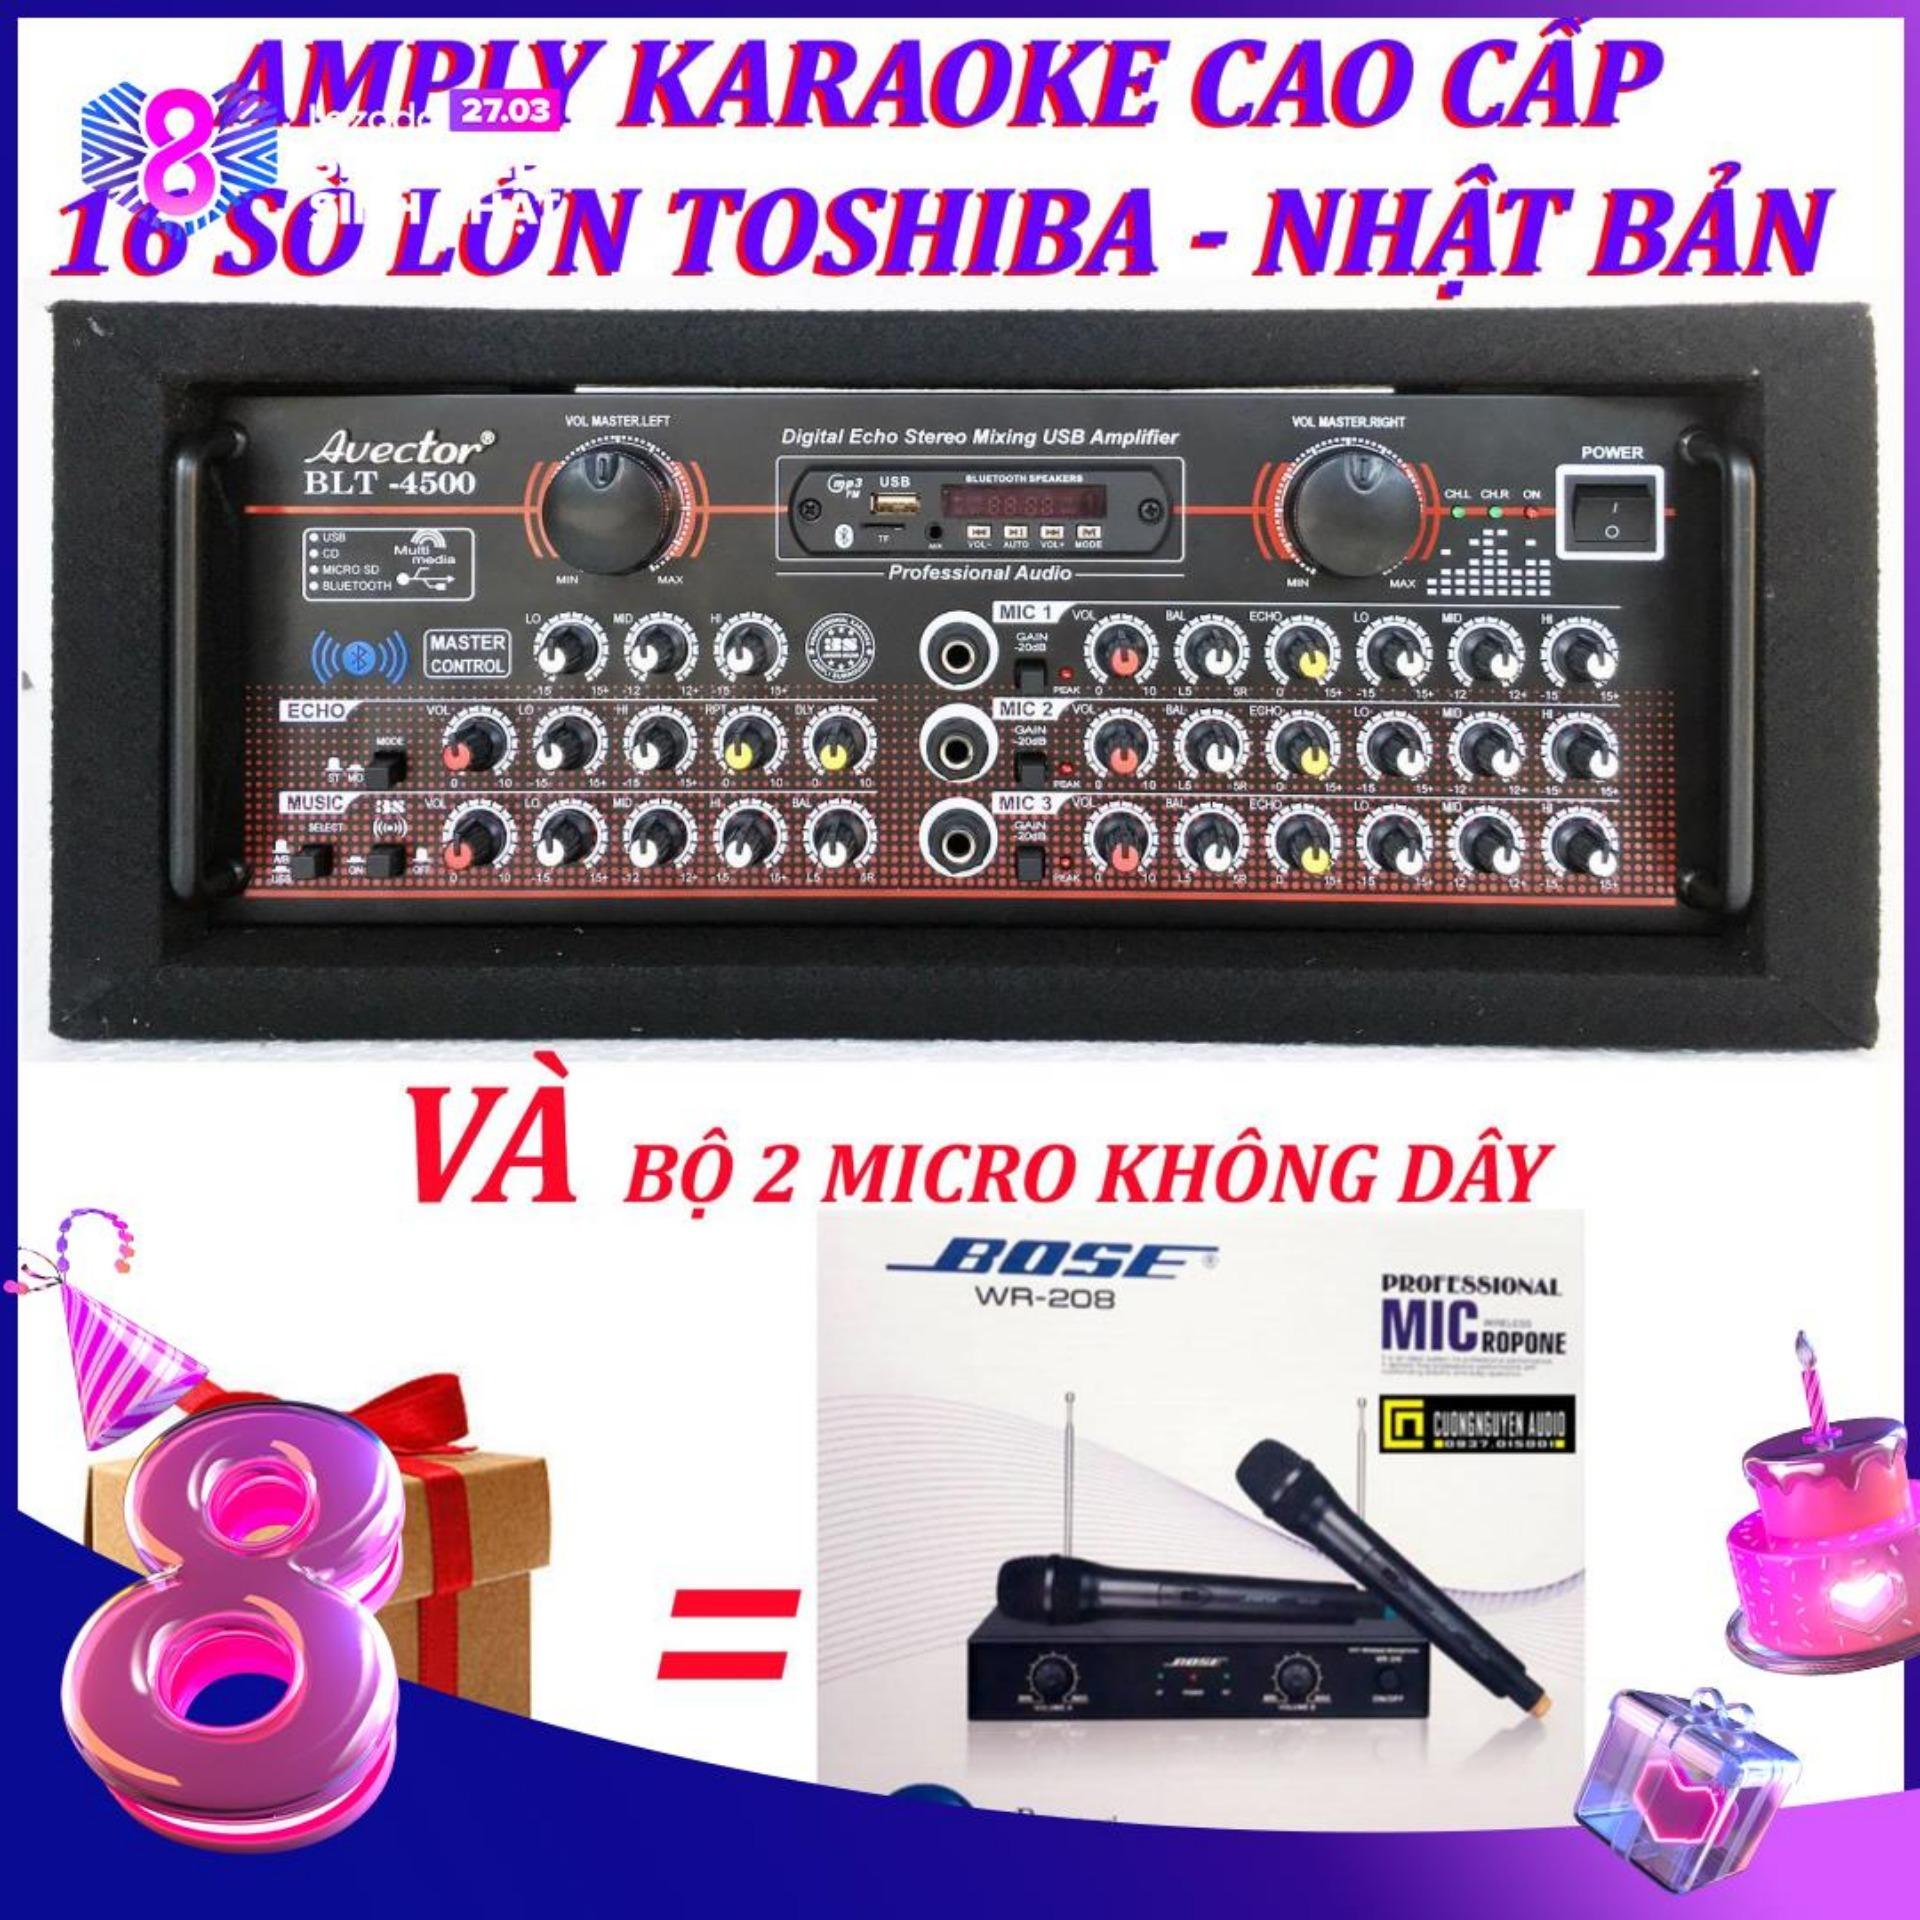 Amply karaoke ampli bluetooth amply nghe nhac amply karaoke hay cao cấp avector 4500 VÀ bộ micro không dây bs208